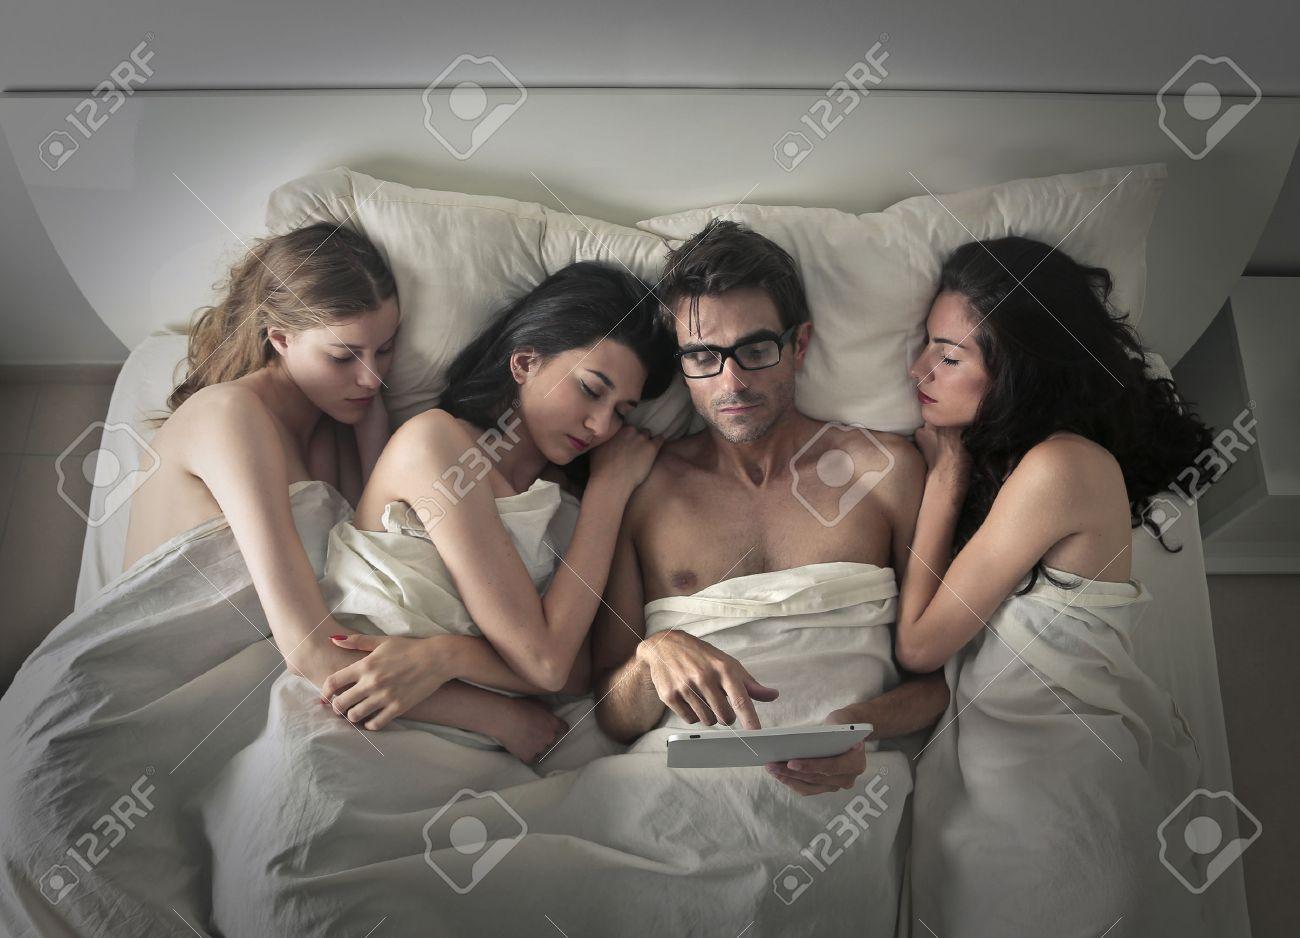 Три девушки поймали парня и, В парке три девушки раздели парня и дрочат ему член 21 фотография